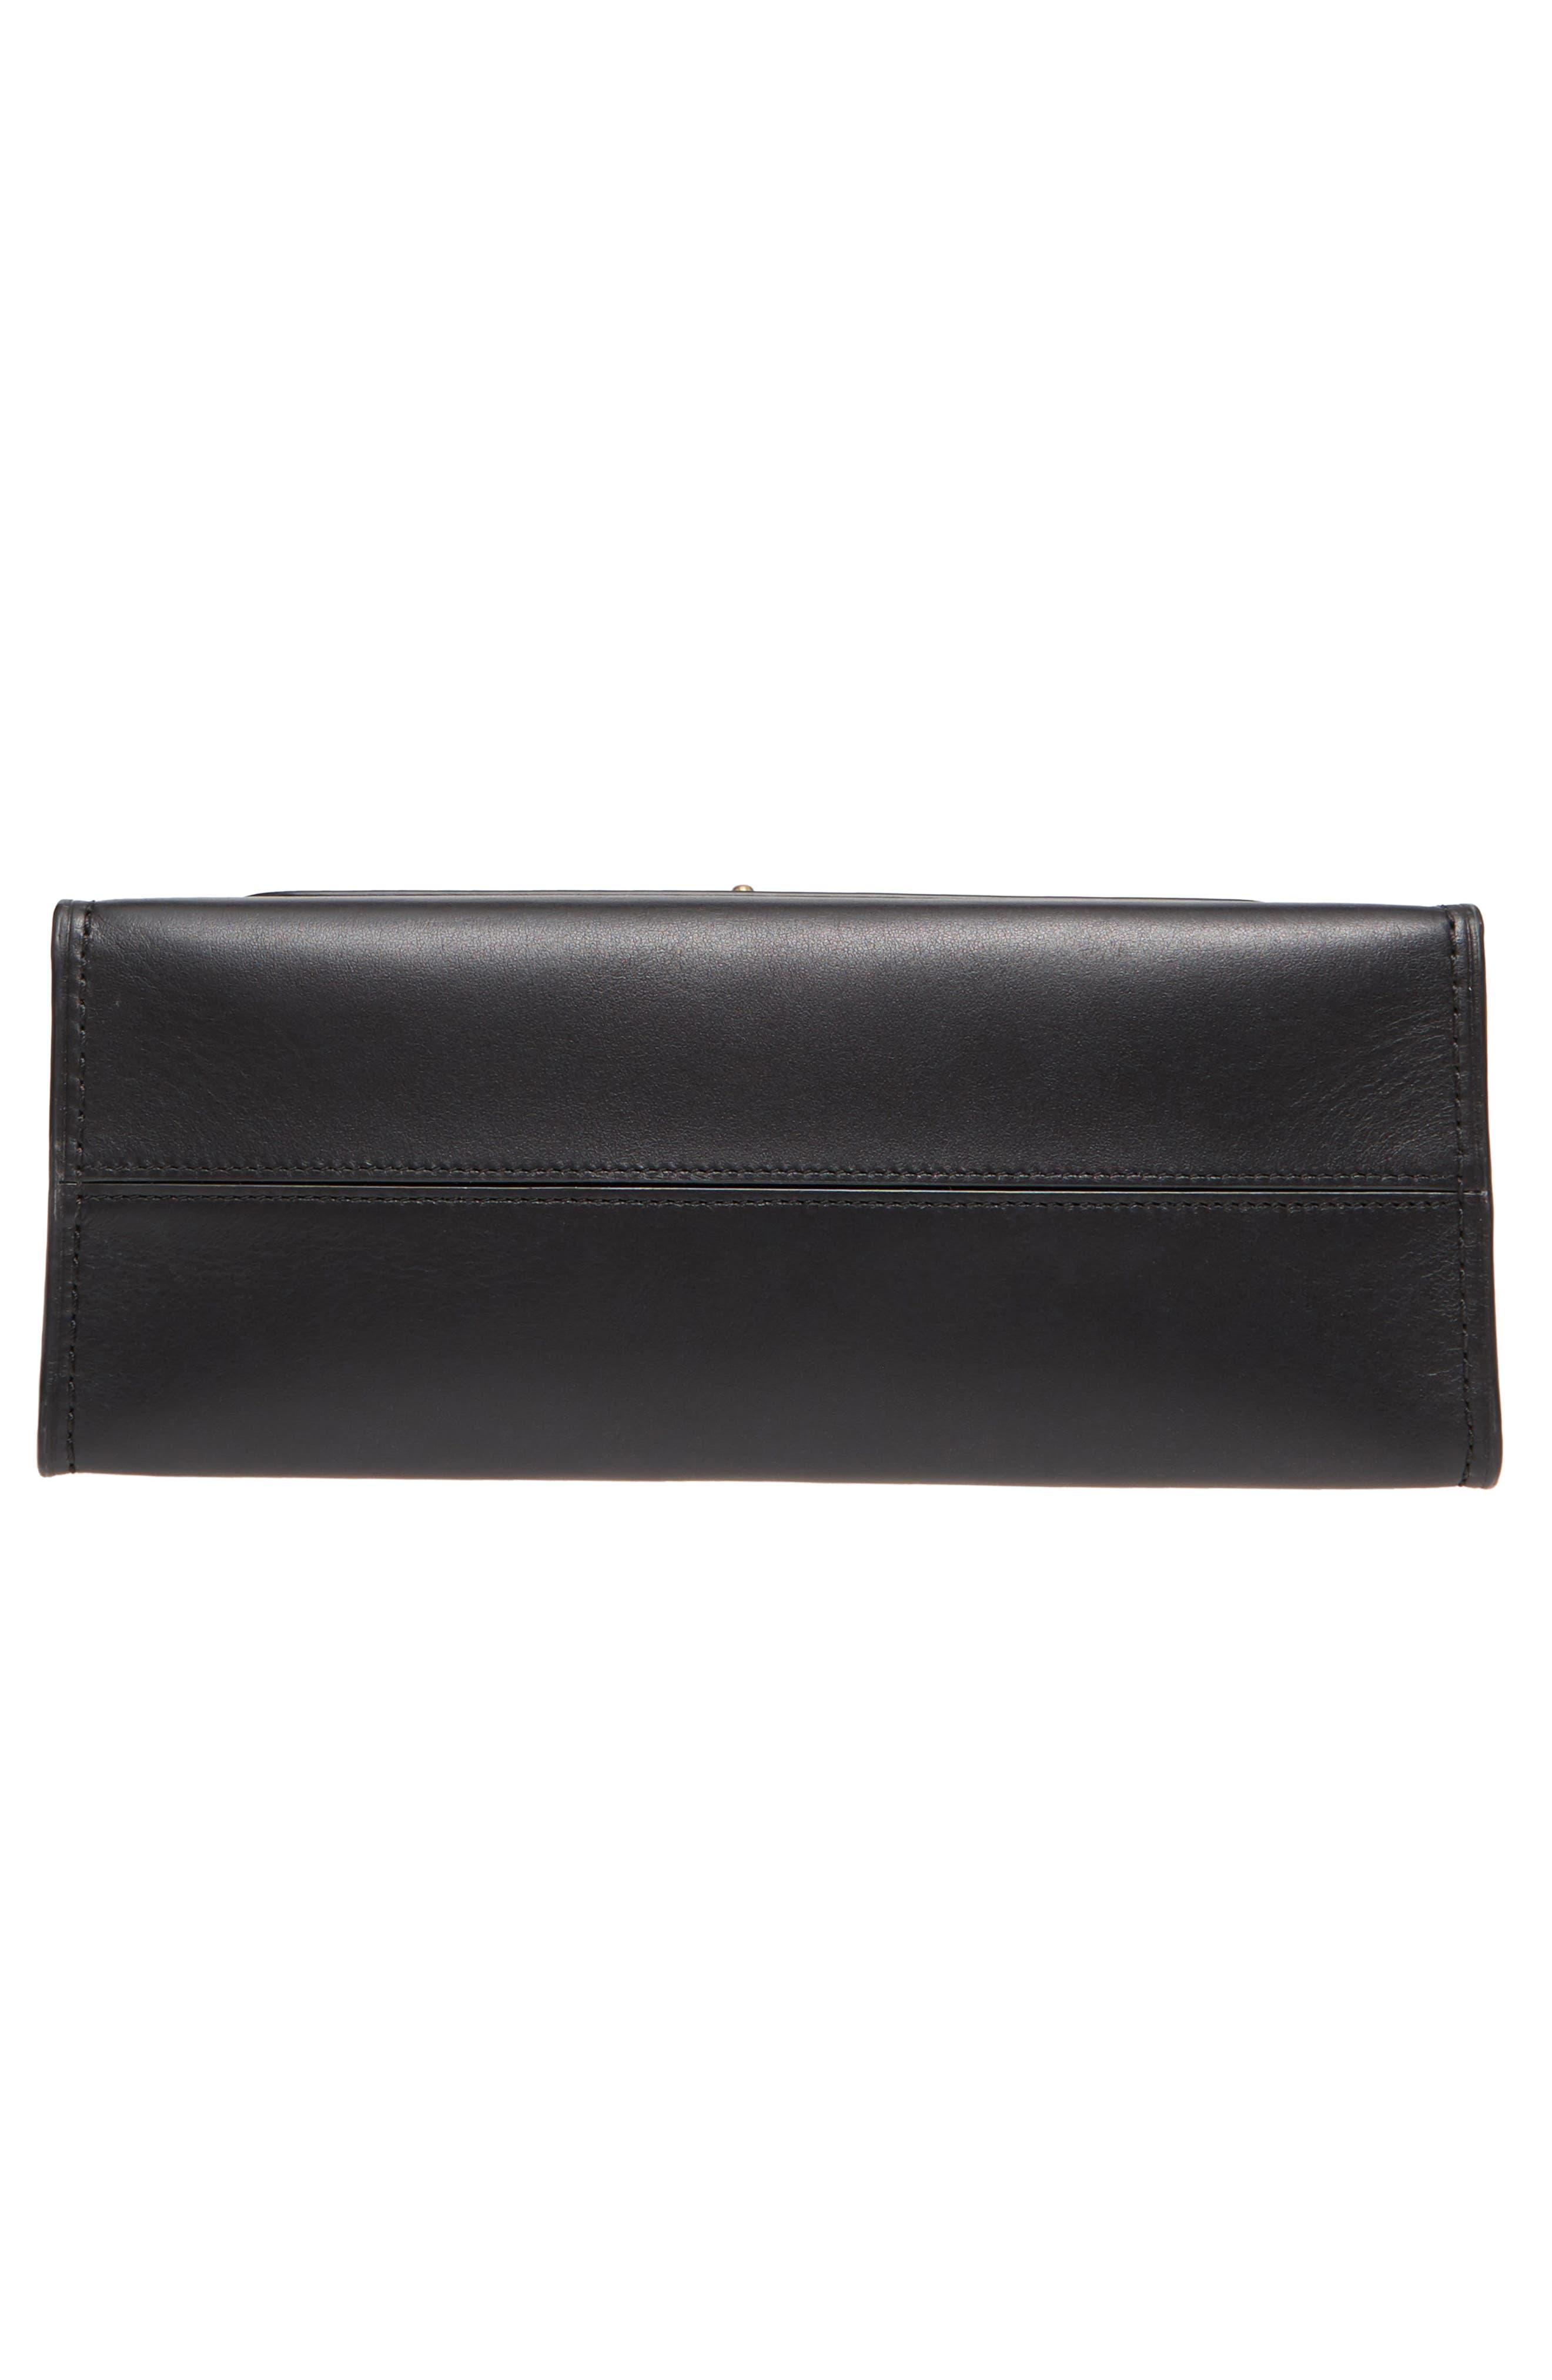 Parker Leather Shoulder Bag,                             Alternate thumbnail 6, color,                             Black